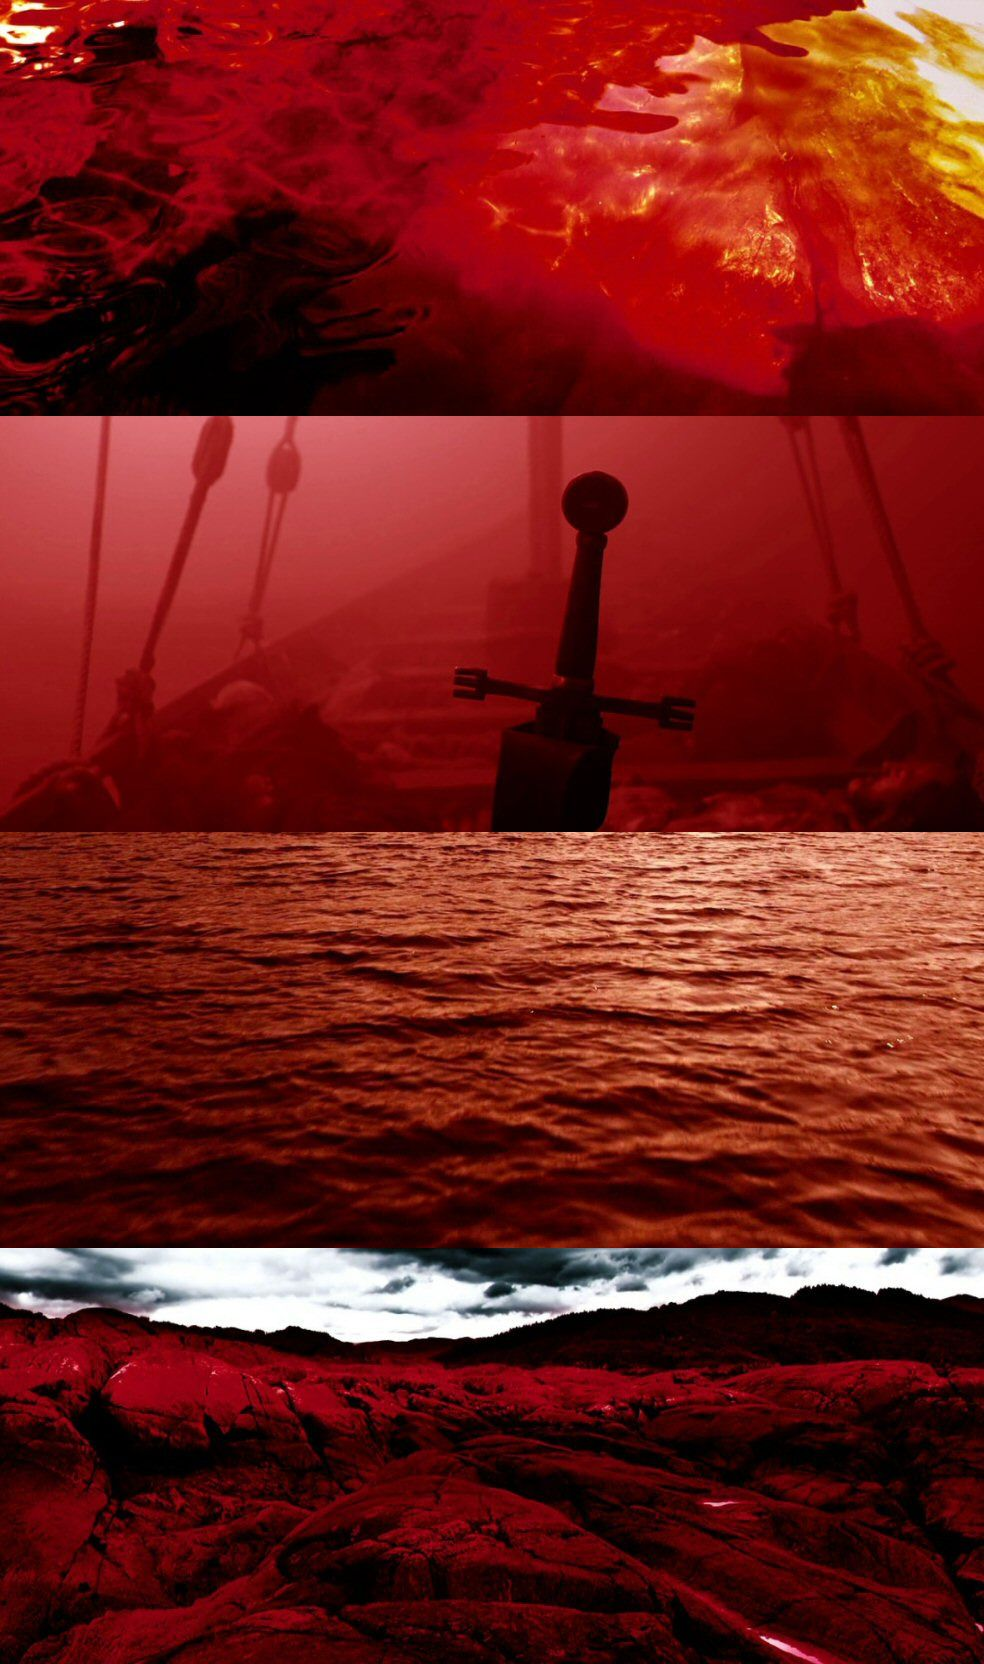 Valhalla Rising, 2009 (dir. Nicolas Winding Refn   cin. Morten Søborg)